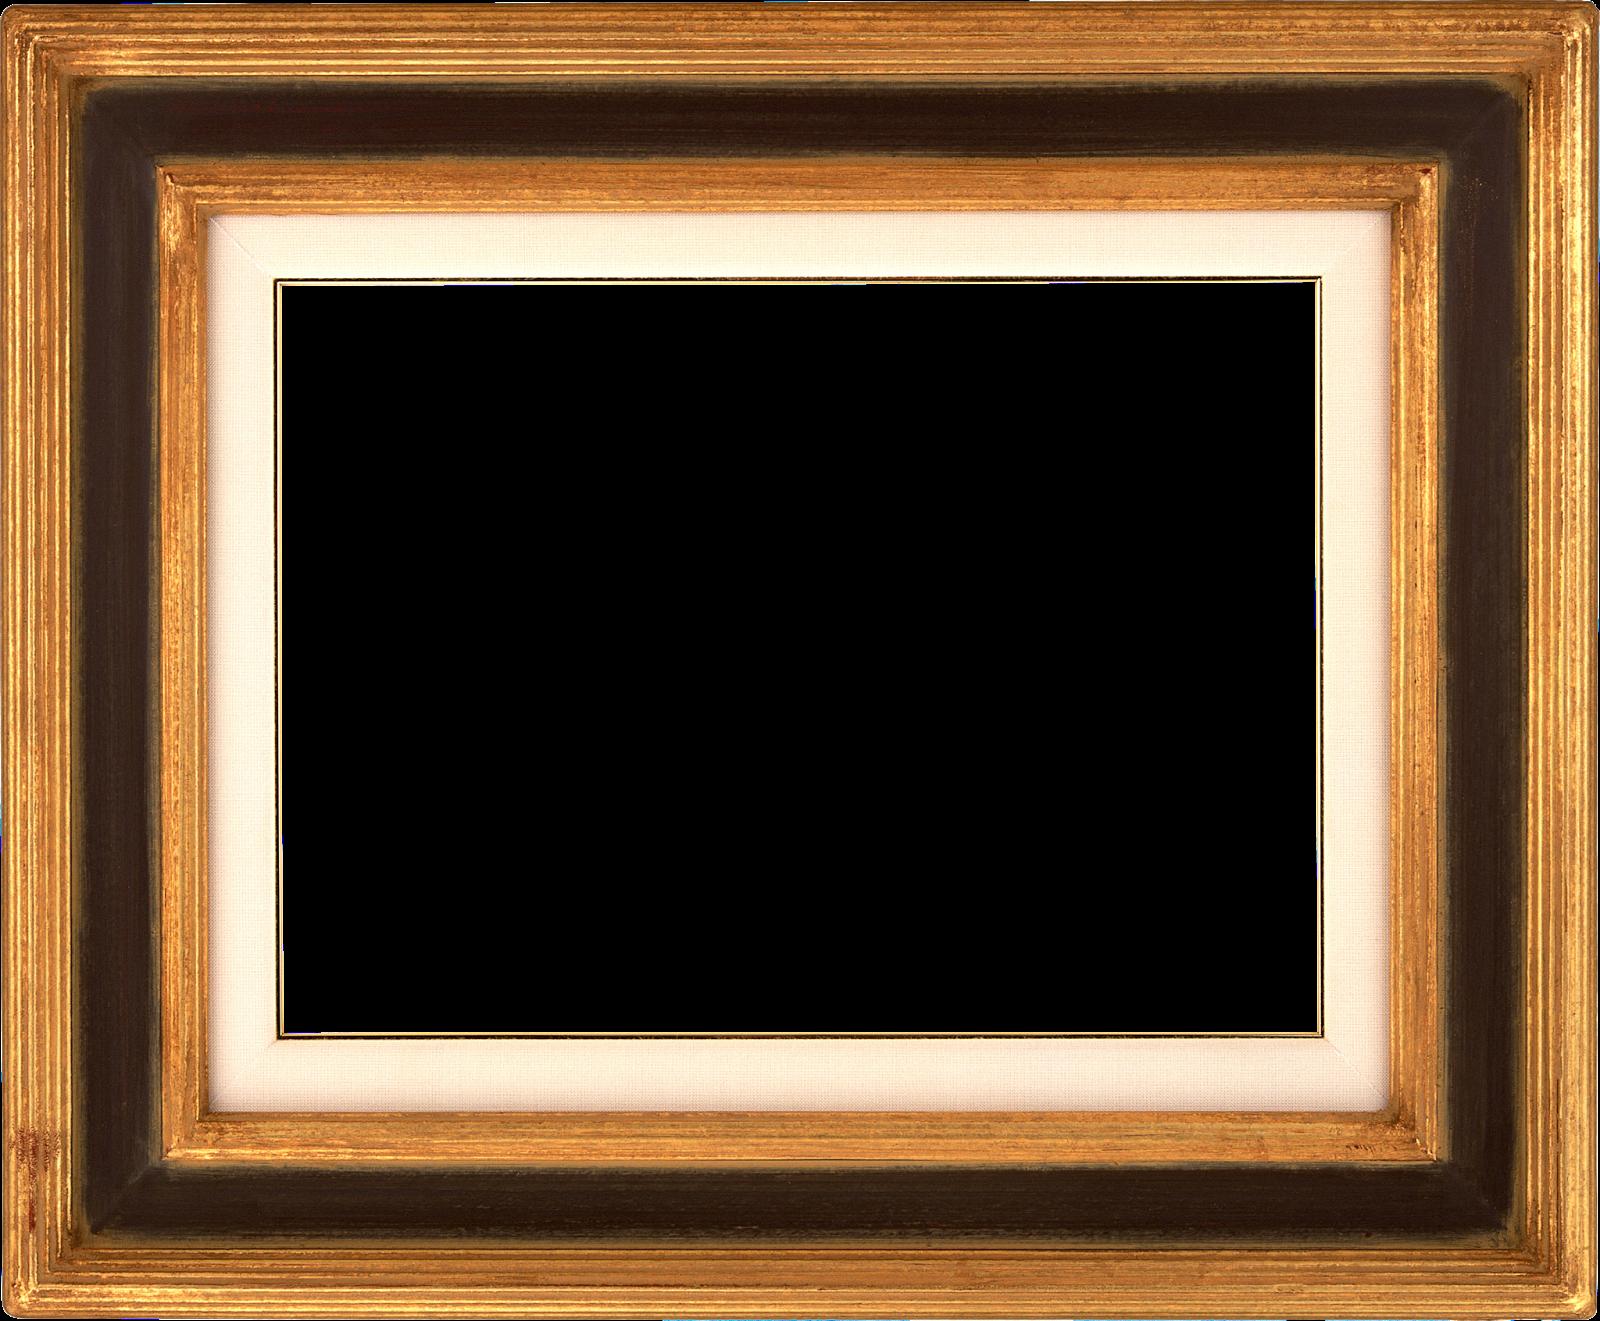 Marcos para fotos de madera vintage fondos de pantalla y - Marcos fotos madera ...